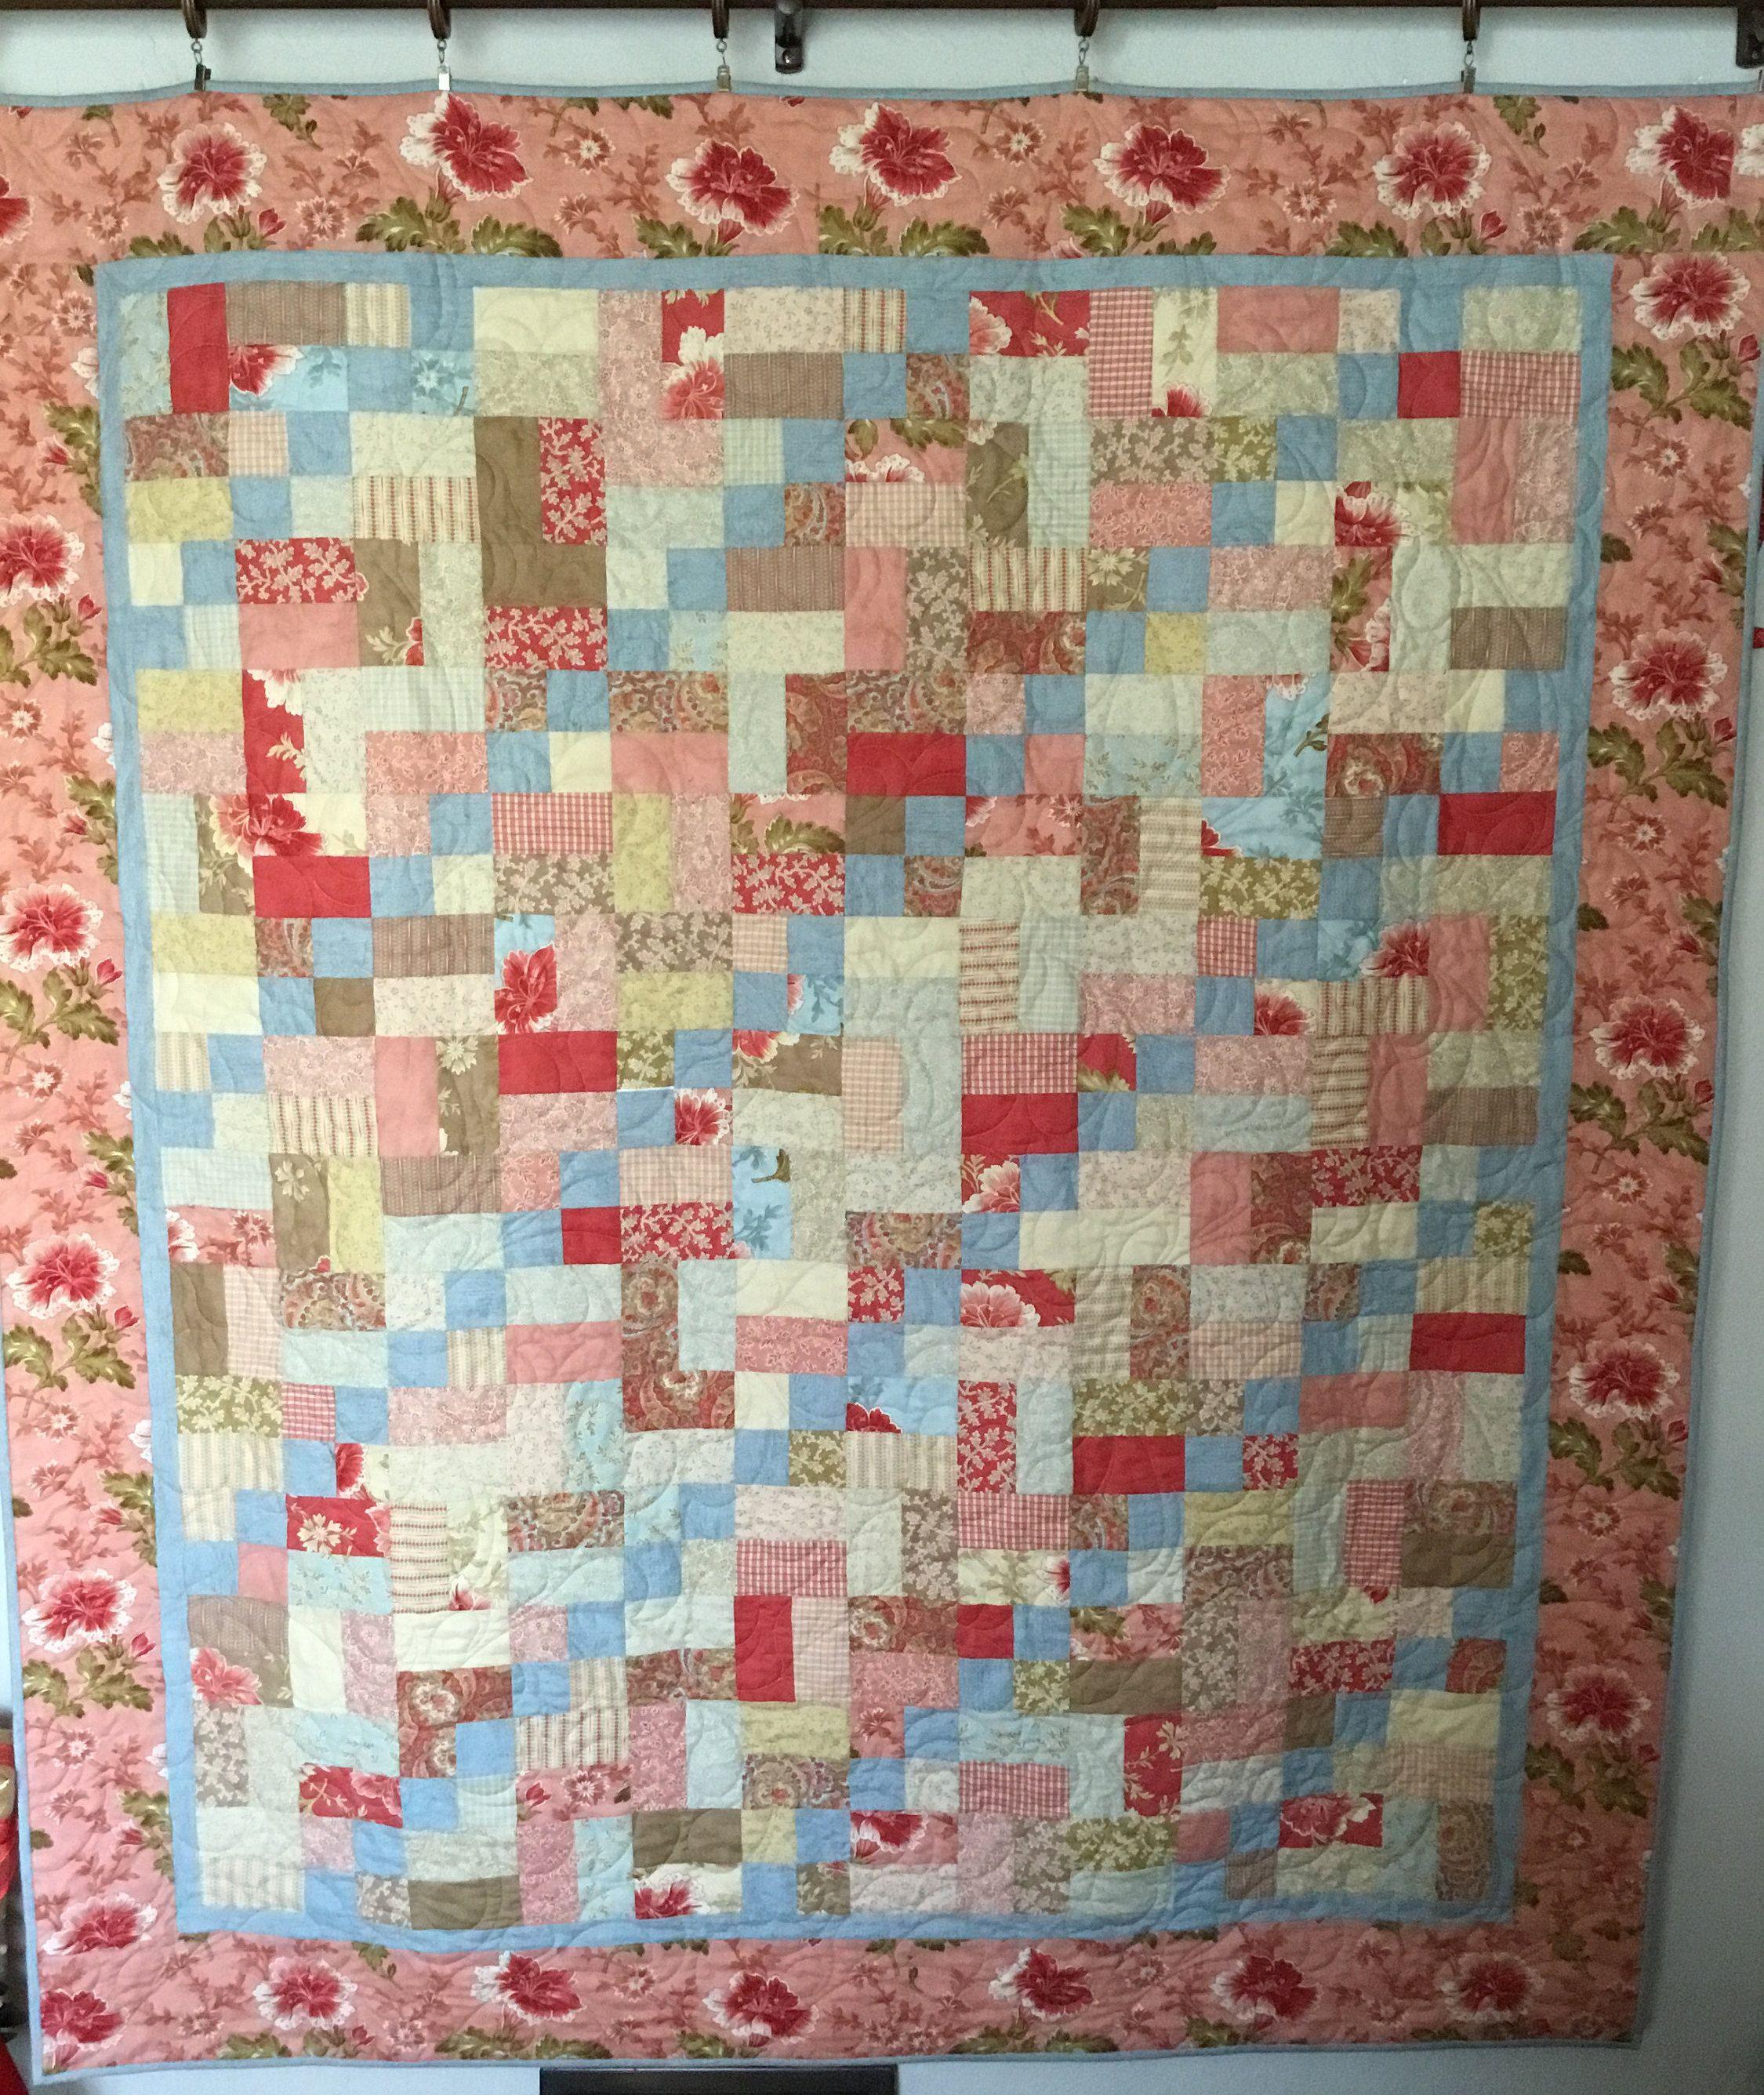 Subtle Floral Delight Quilt, Quilts for Sale, Handmade Quilts ... : floral quilts for sale - Adamdwight.com